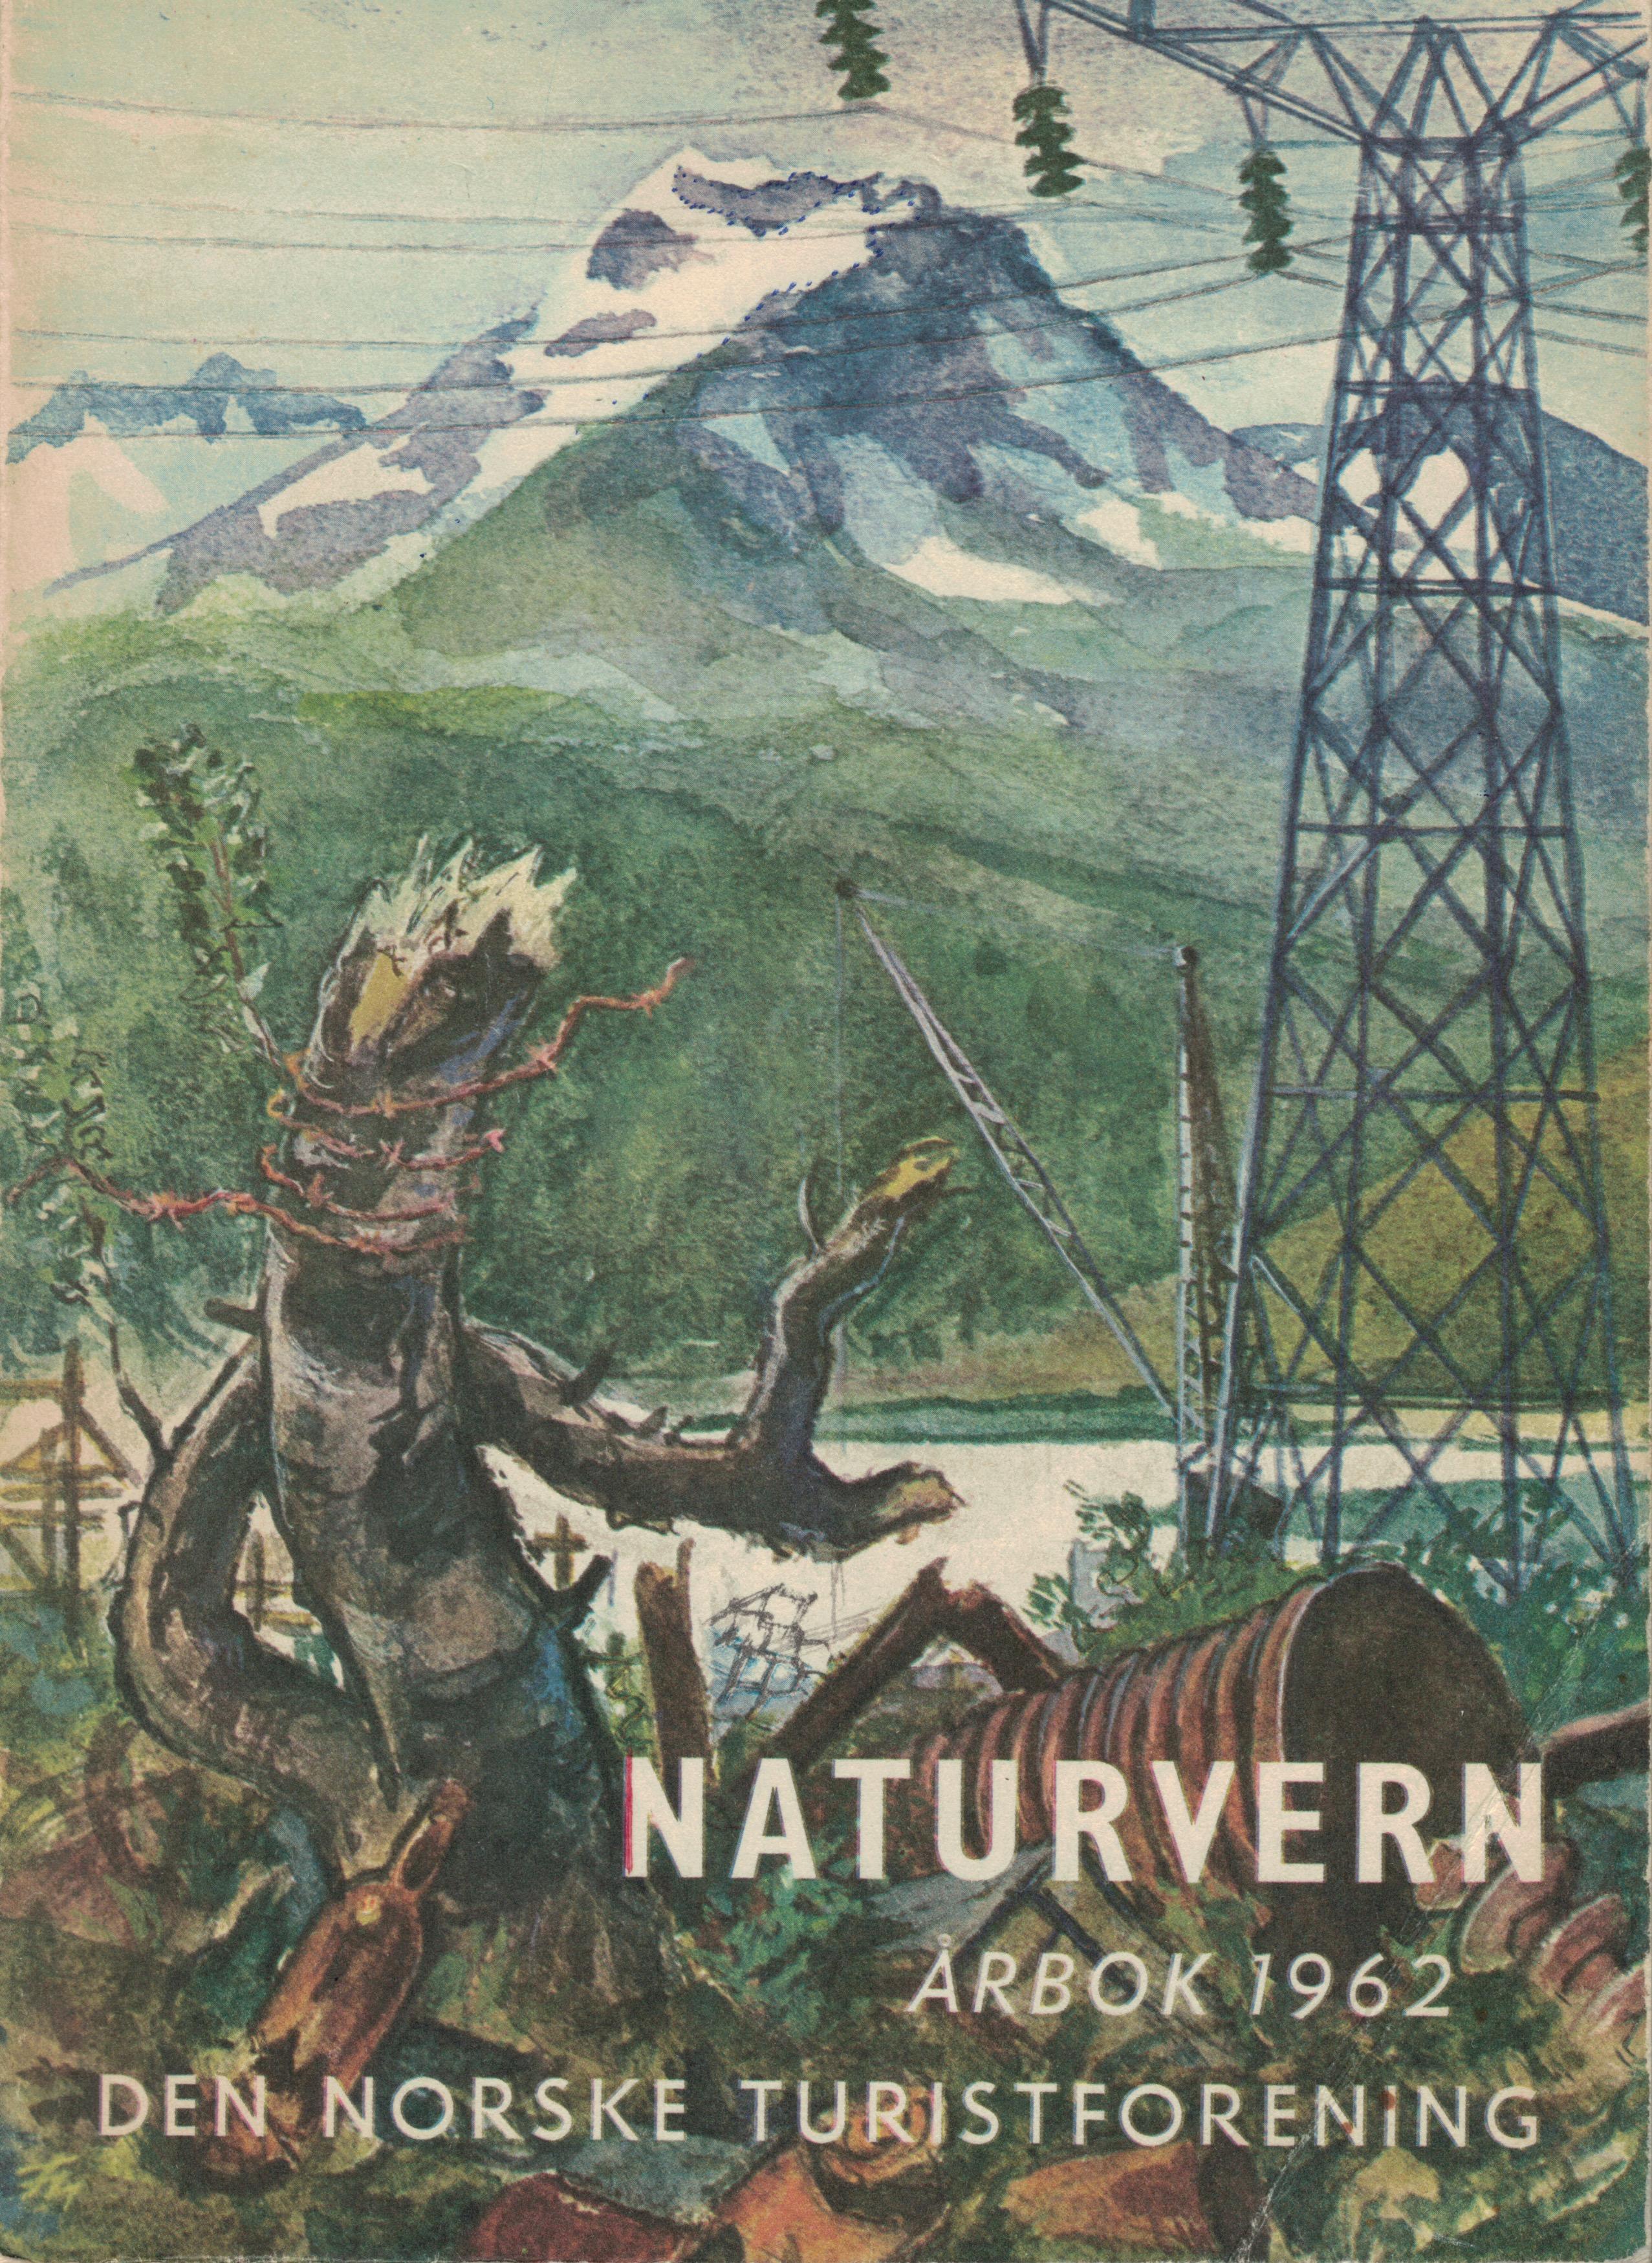 DNT-årbok 1962 forsida